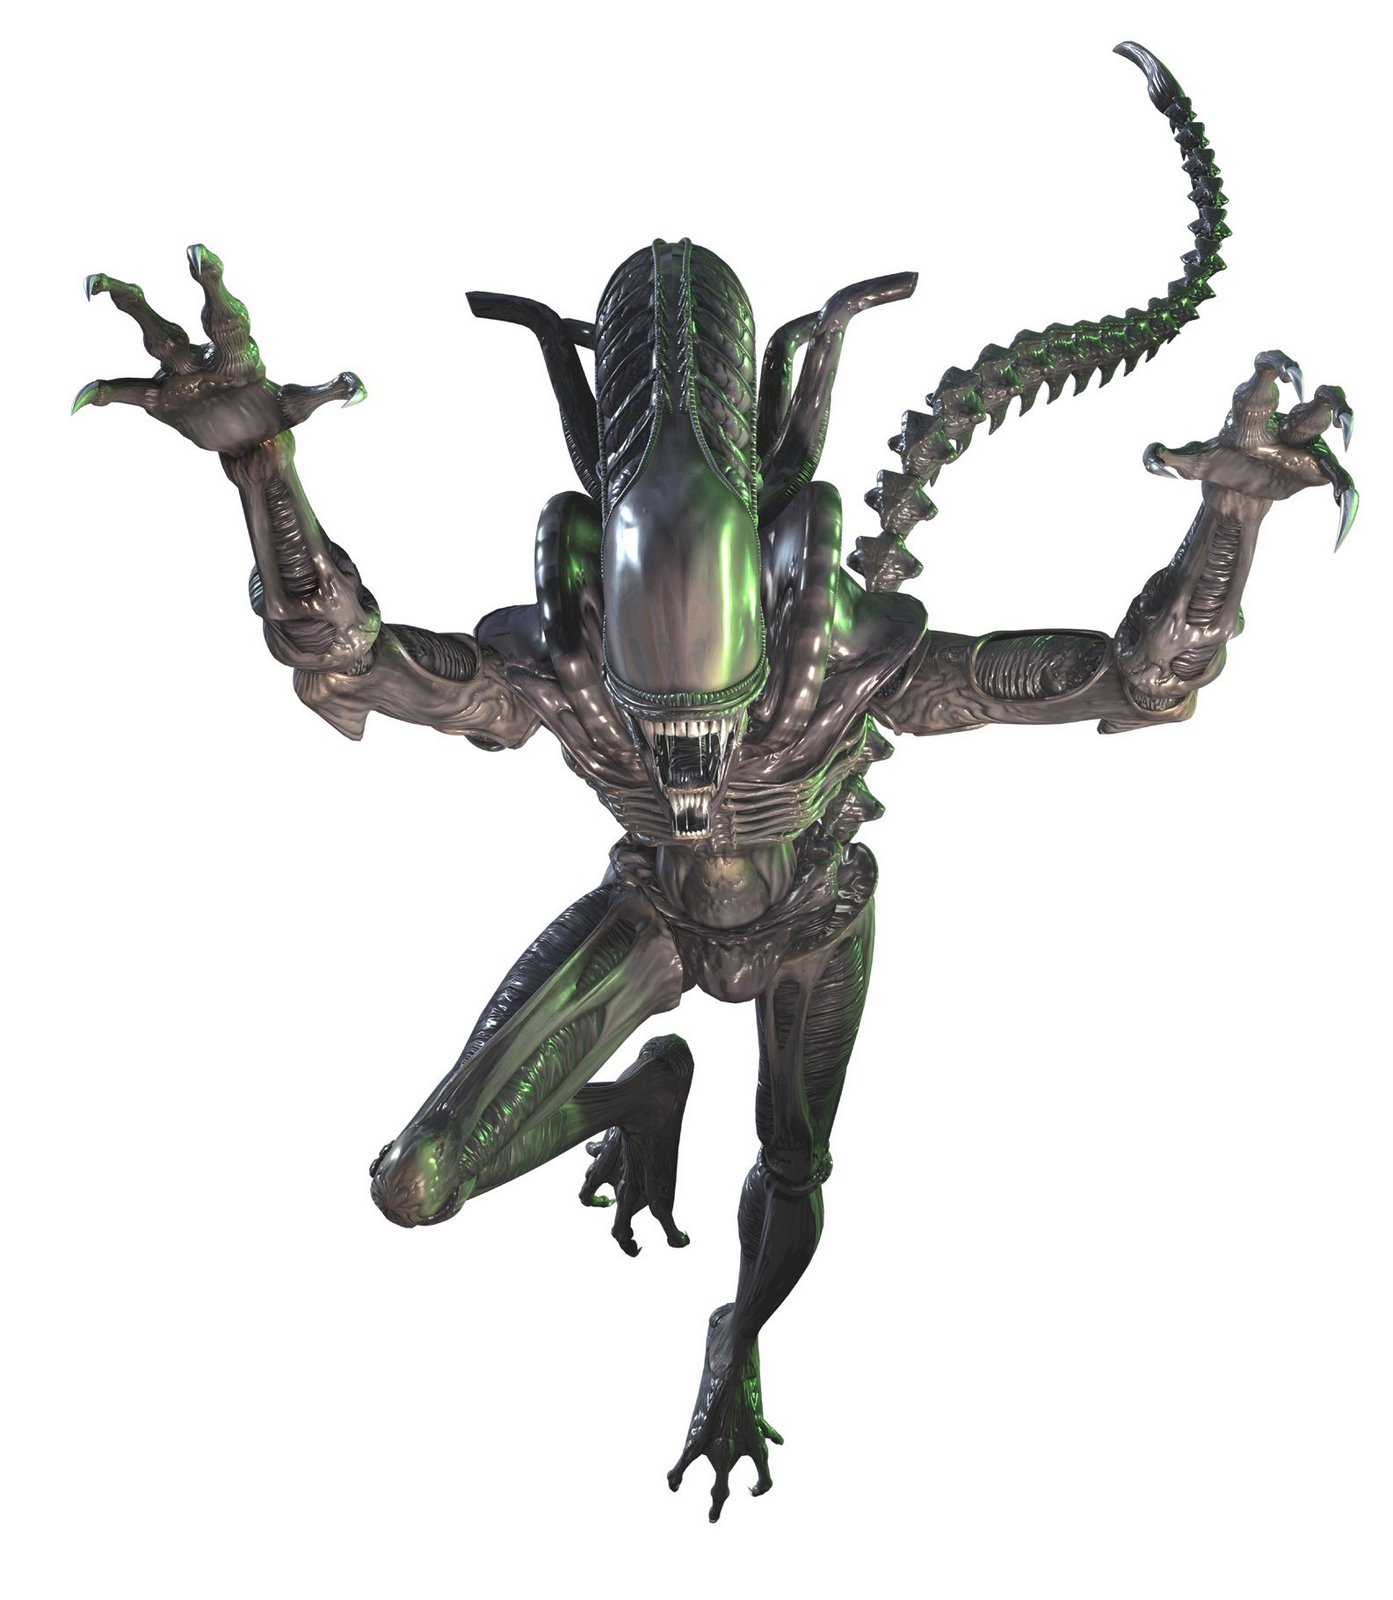 [alien_poster_small.jpg]